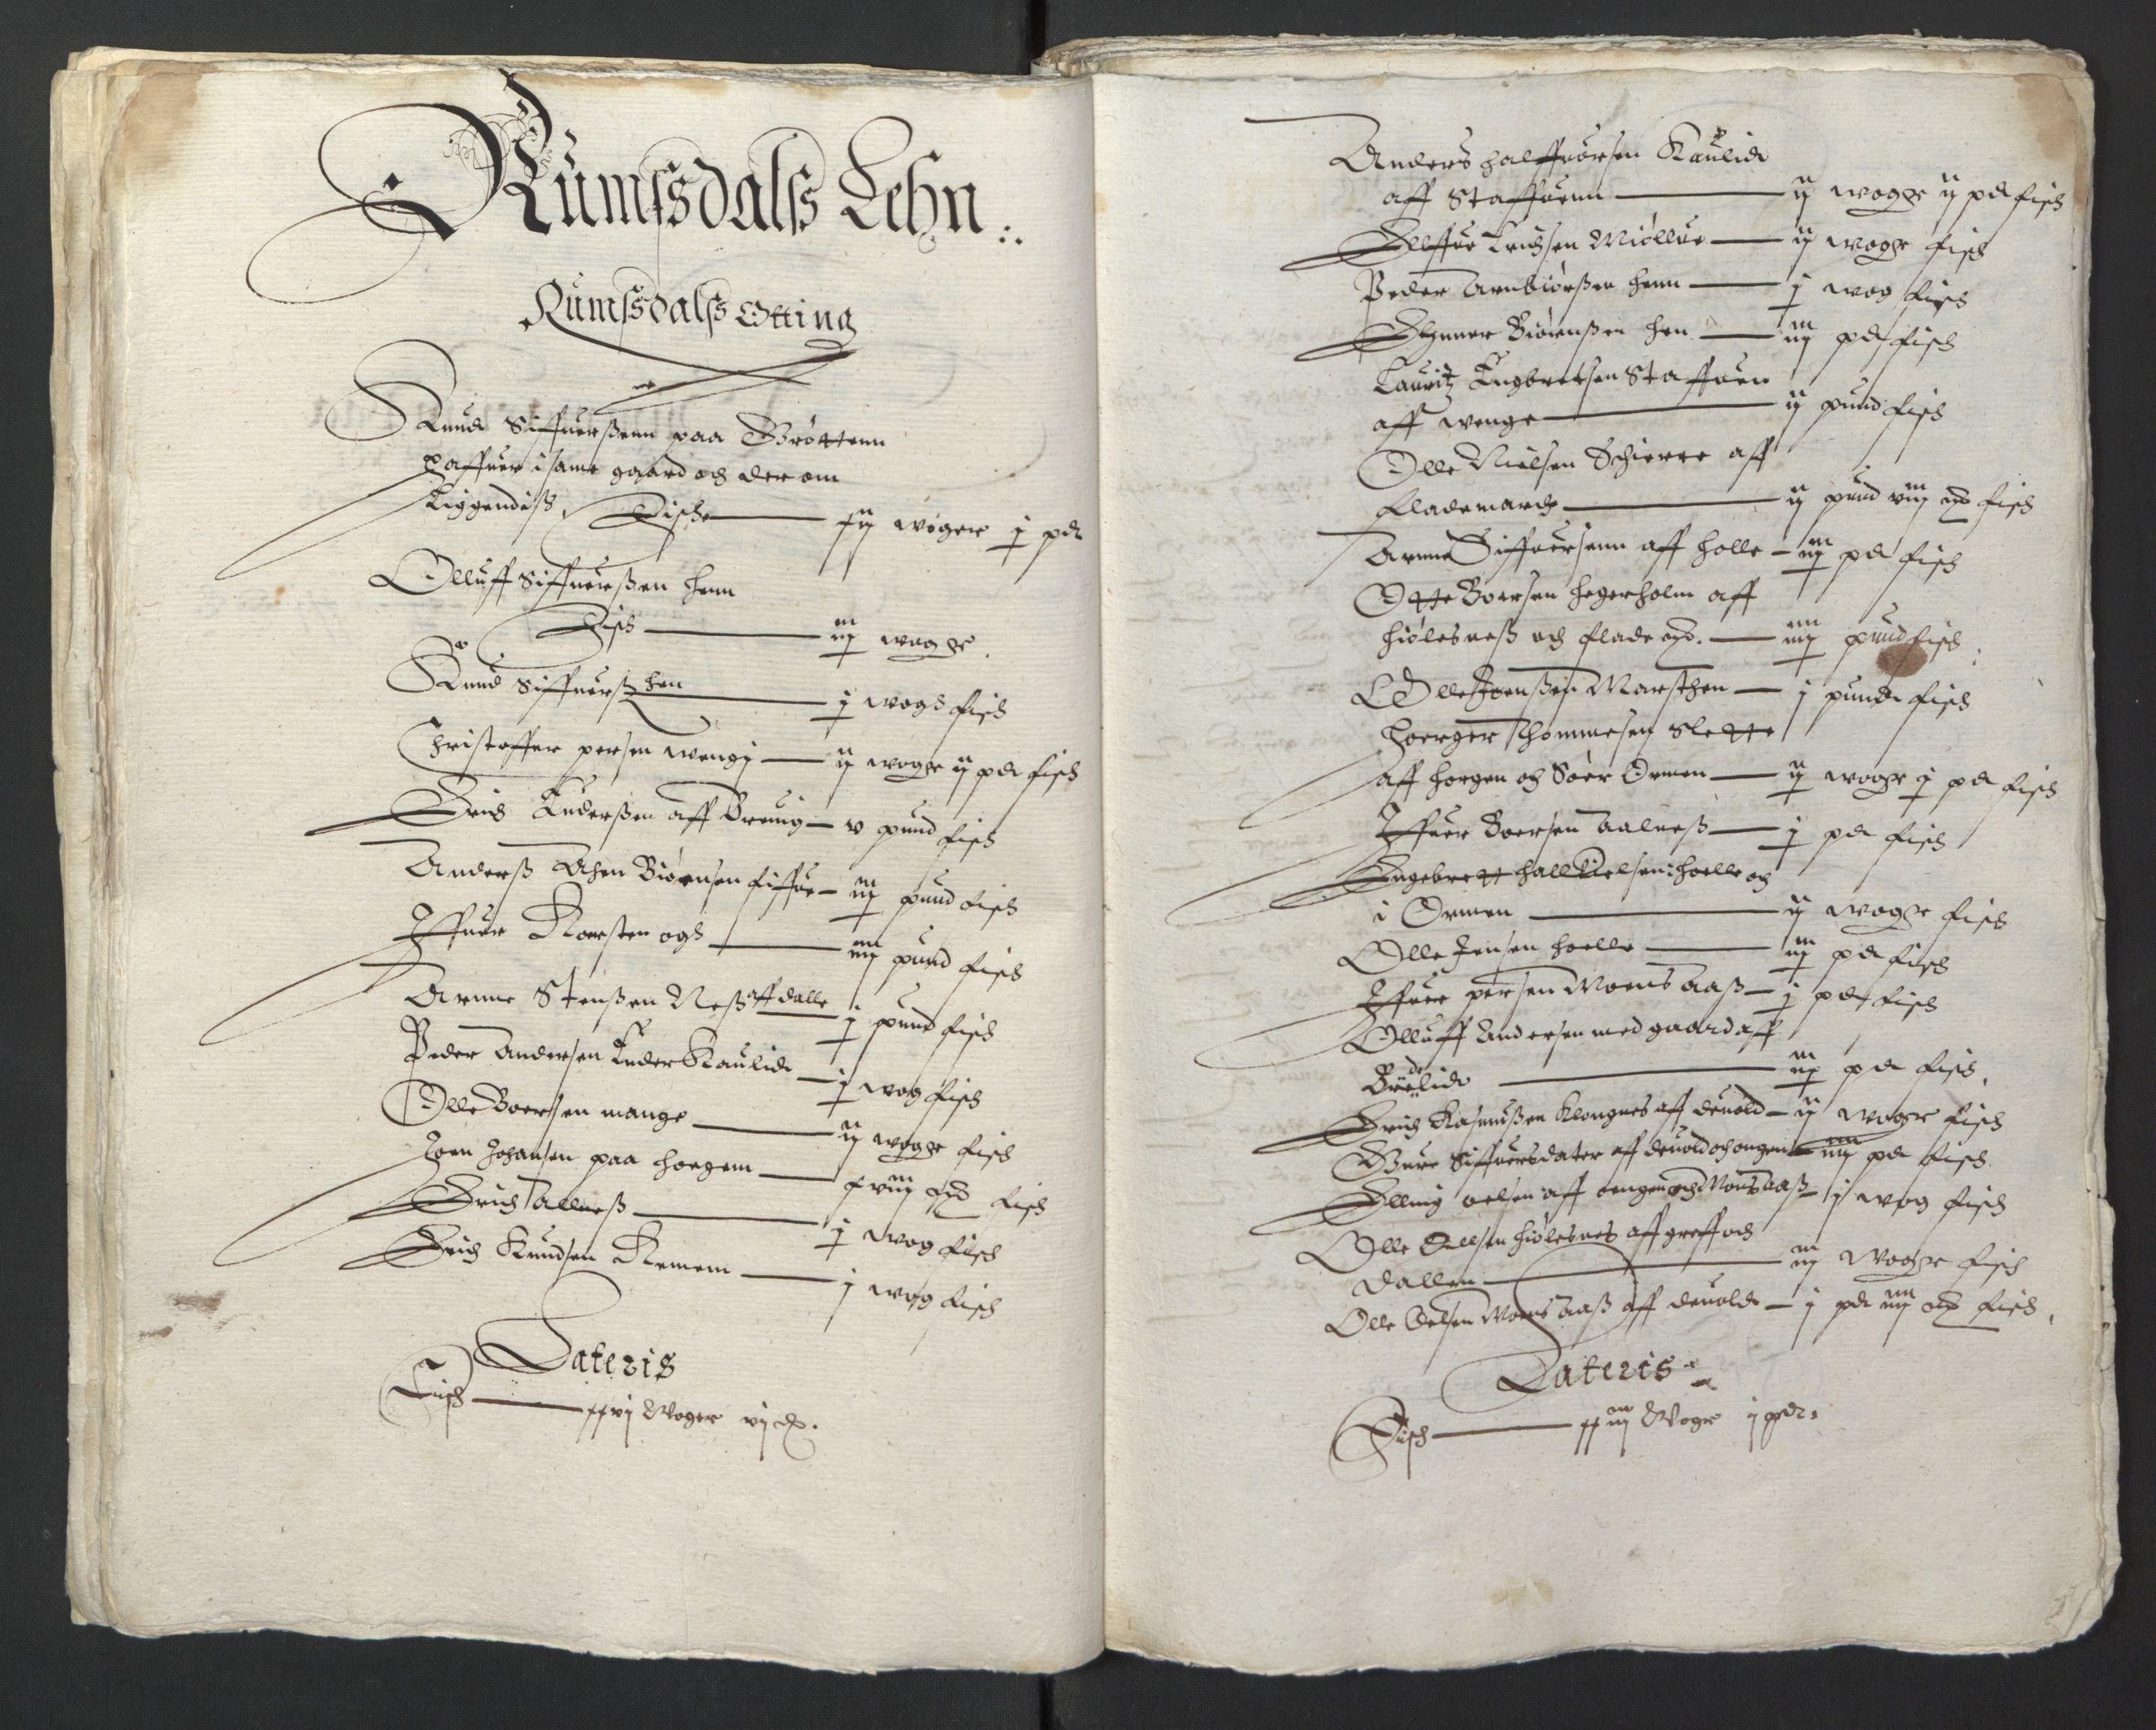 RA, Stattholderembetet 1572-1771, Ek/L0013: Jordebøker til utlikning av rosstjeneste 1624-1626:, 1624-1625, s. 28